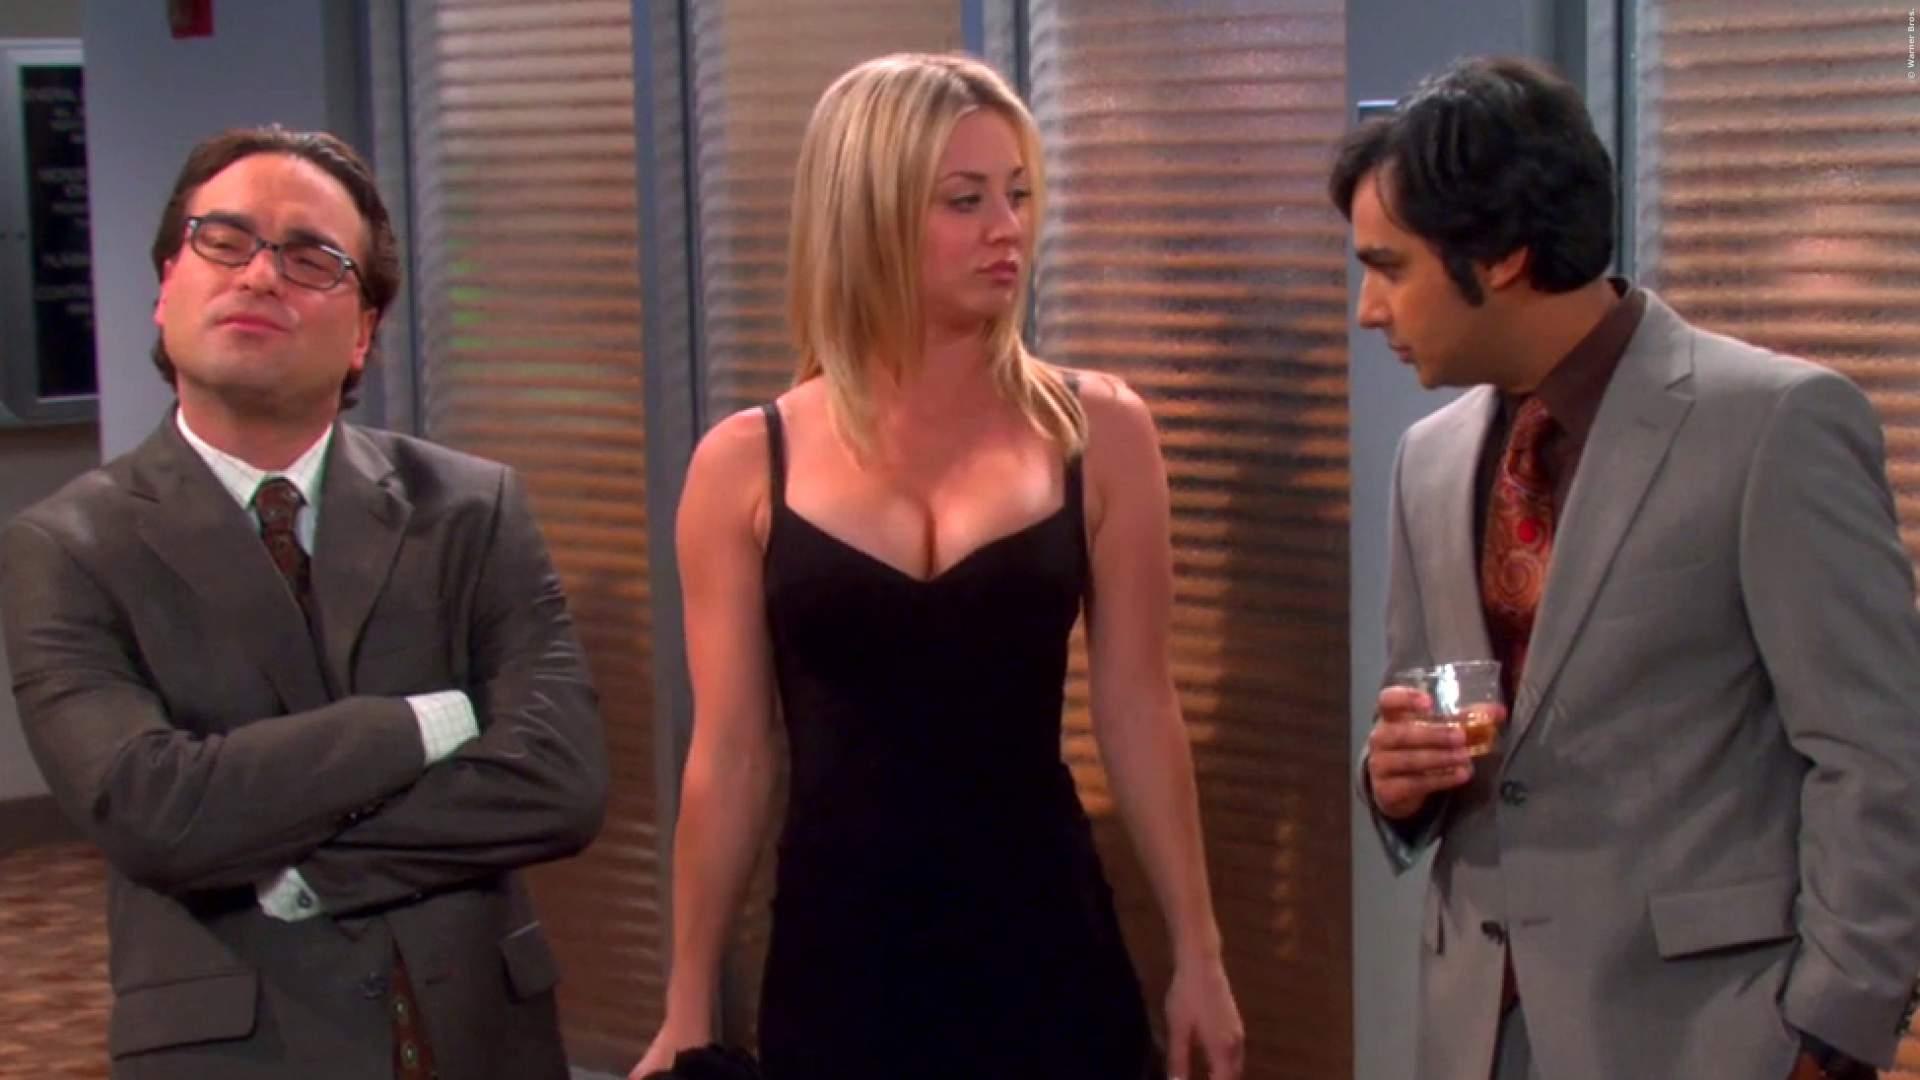 The Big Bang Theory Staffel 10 Auf Prosieben Trailerseite Filmtv